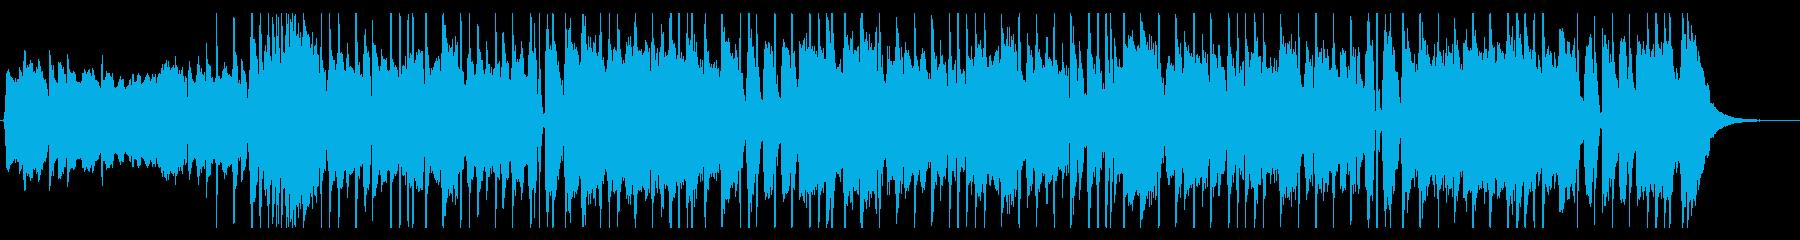 ロックギターリフ6の再生済みの波形